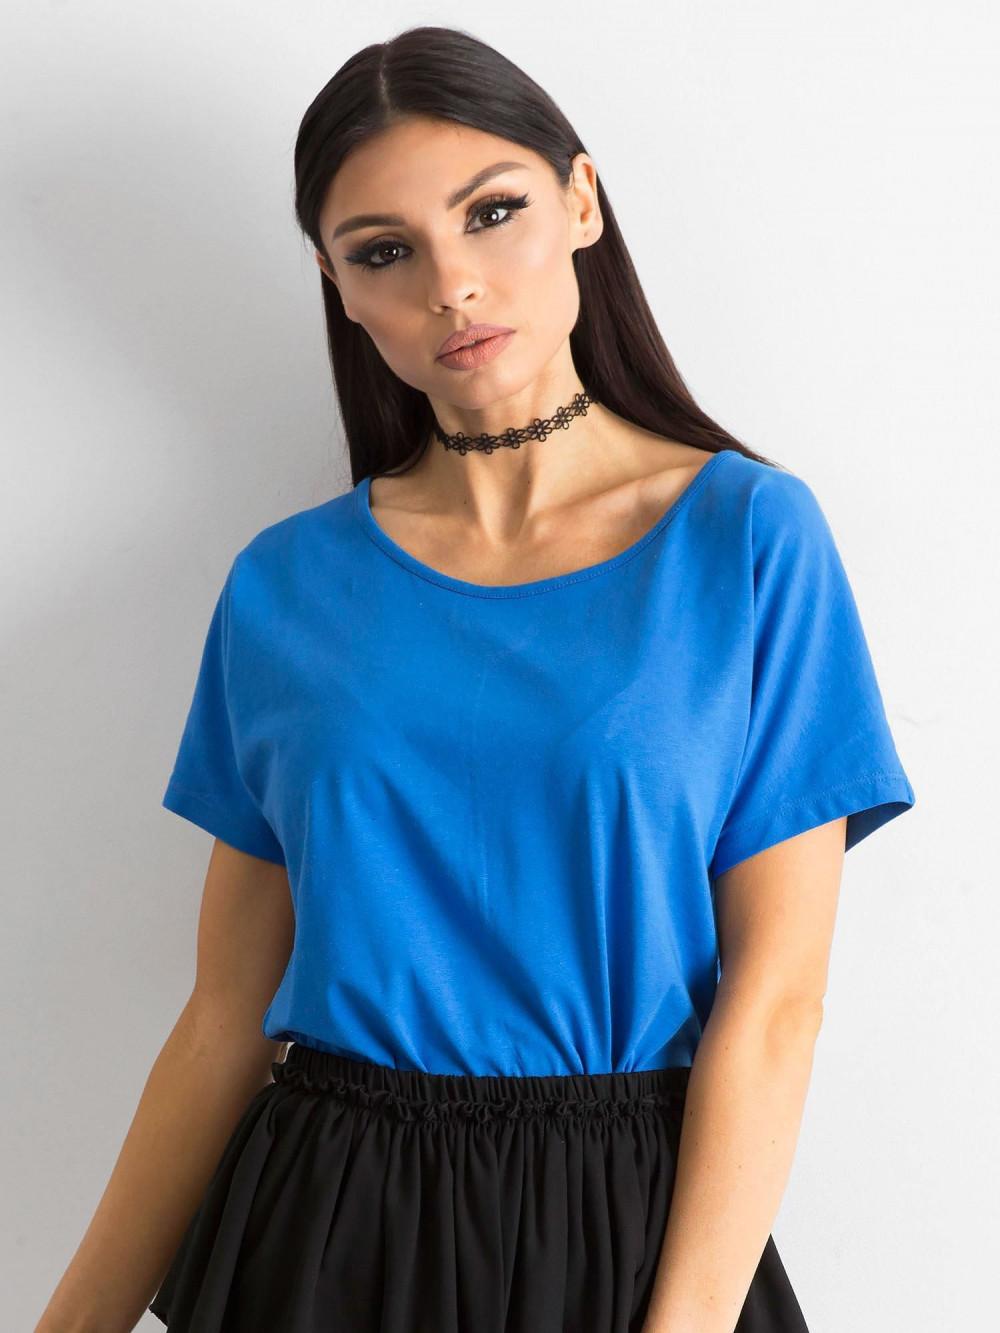 Niebieski t-shirt z wycięciem na plecach Sofie 2